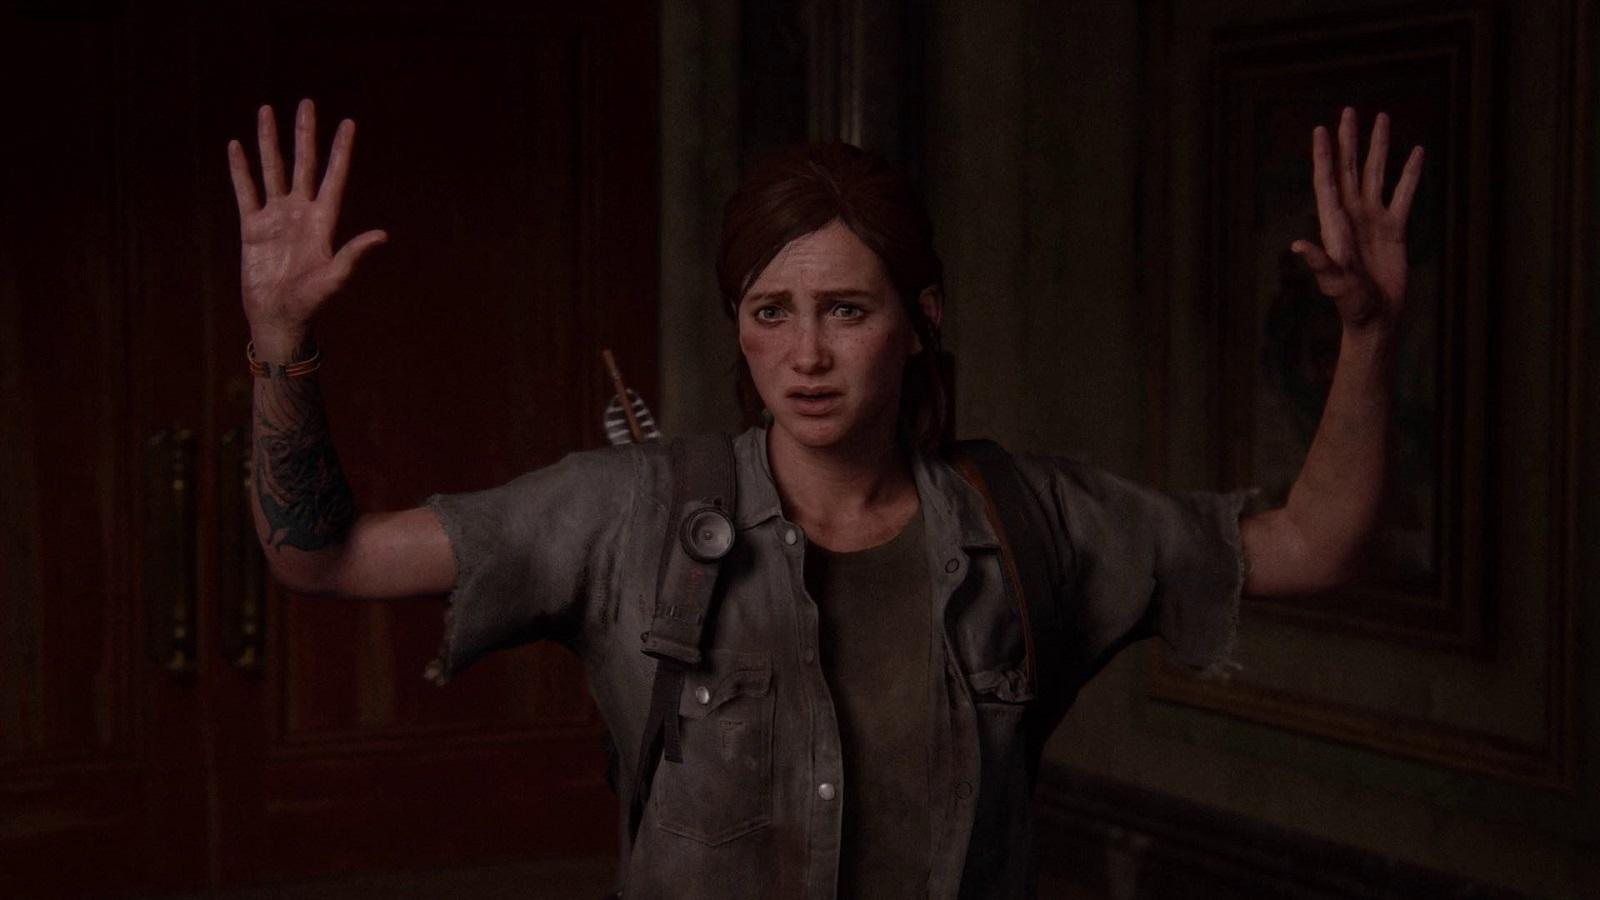 Авторы The Last of Us уже «набросали план сюжета» третьей части, но разработка пока не началась